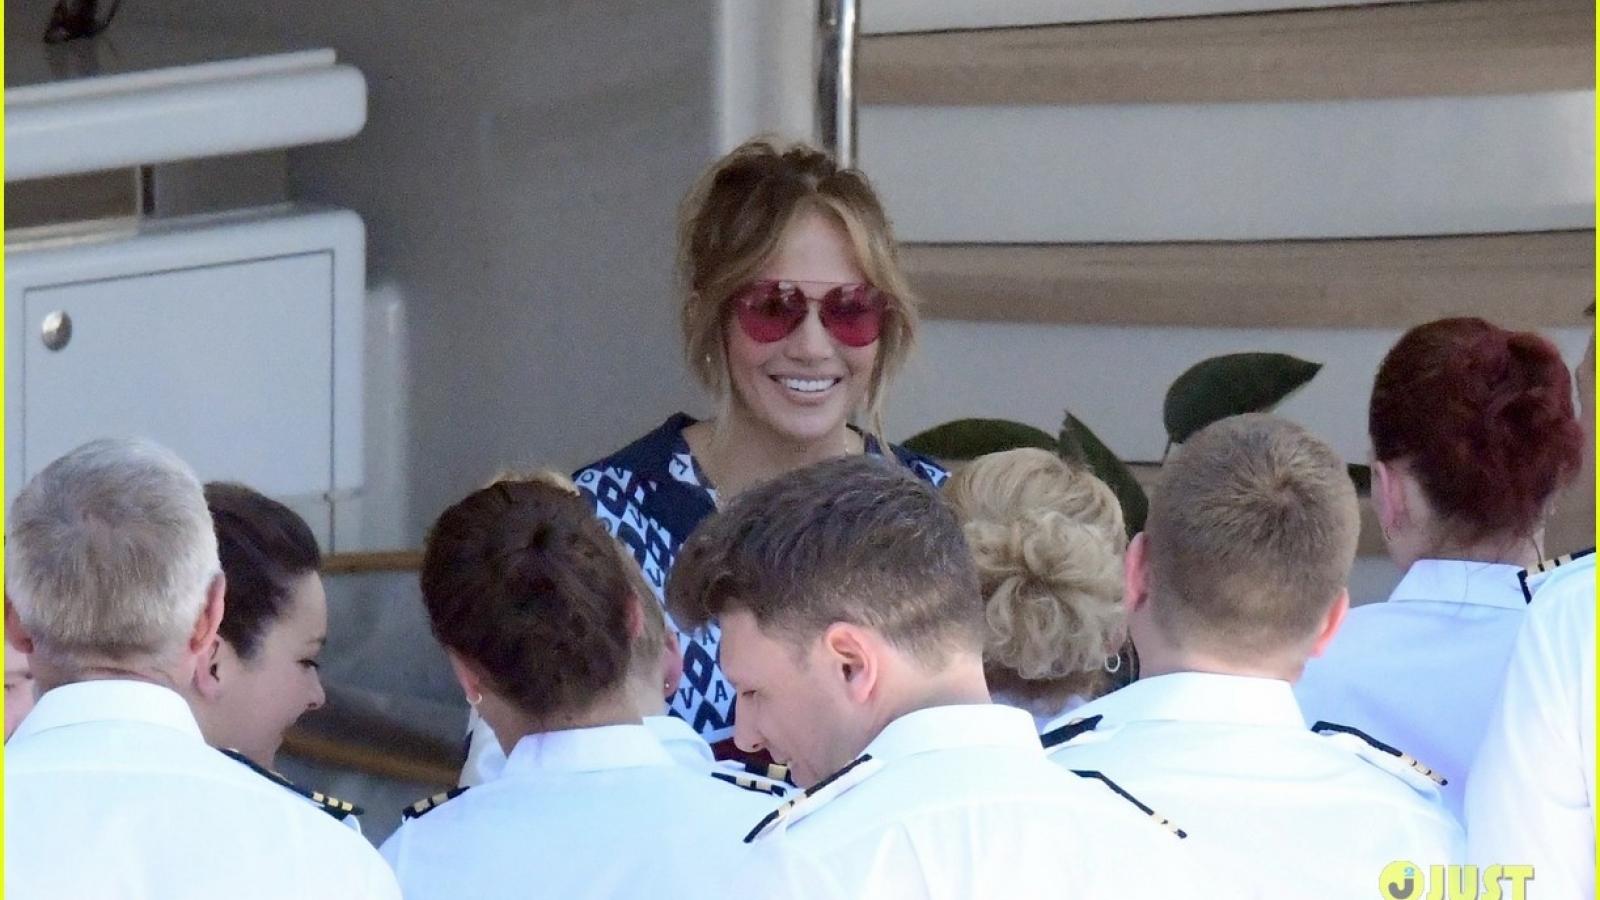 Jennifer Lopez thân thiện giao lưu với người hâm mộ trên du thuyền sang trọng ở Pháp